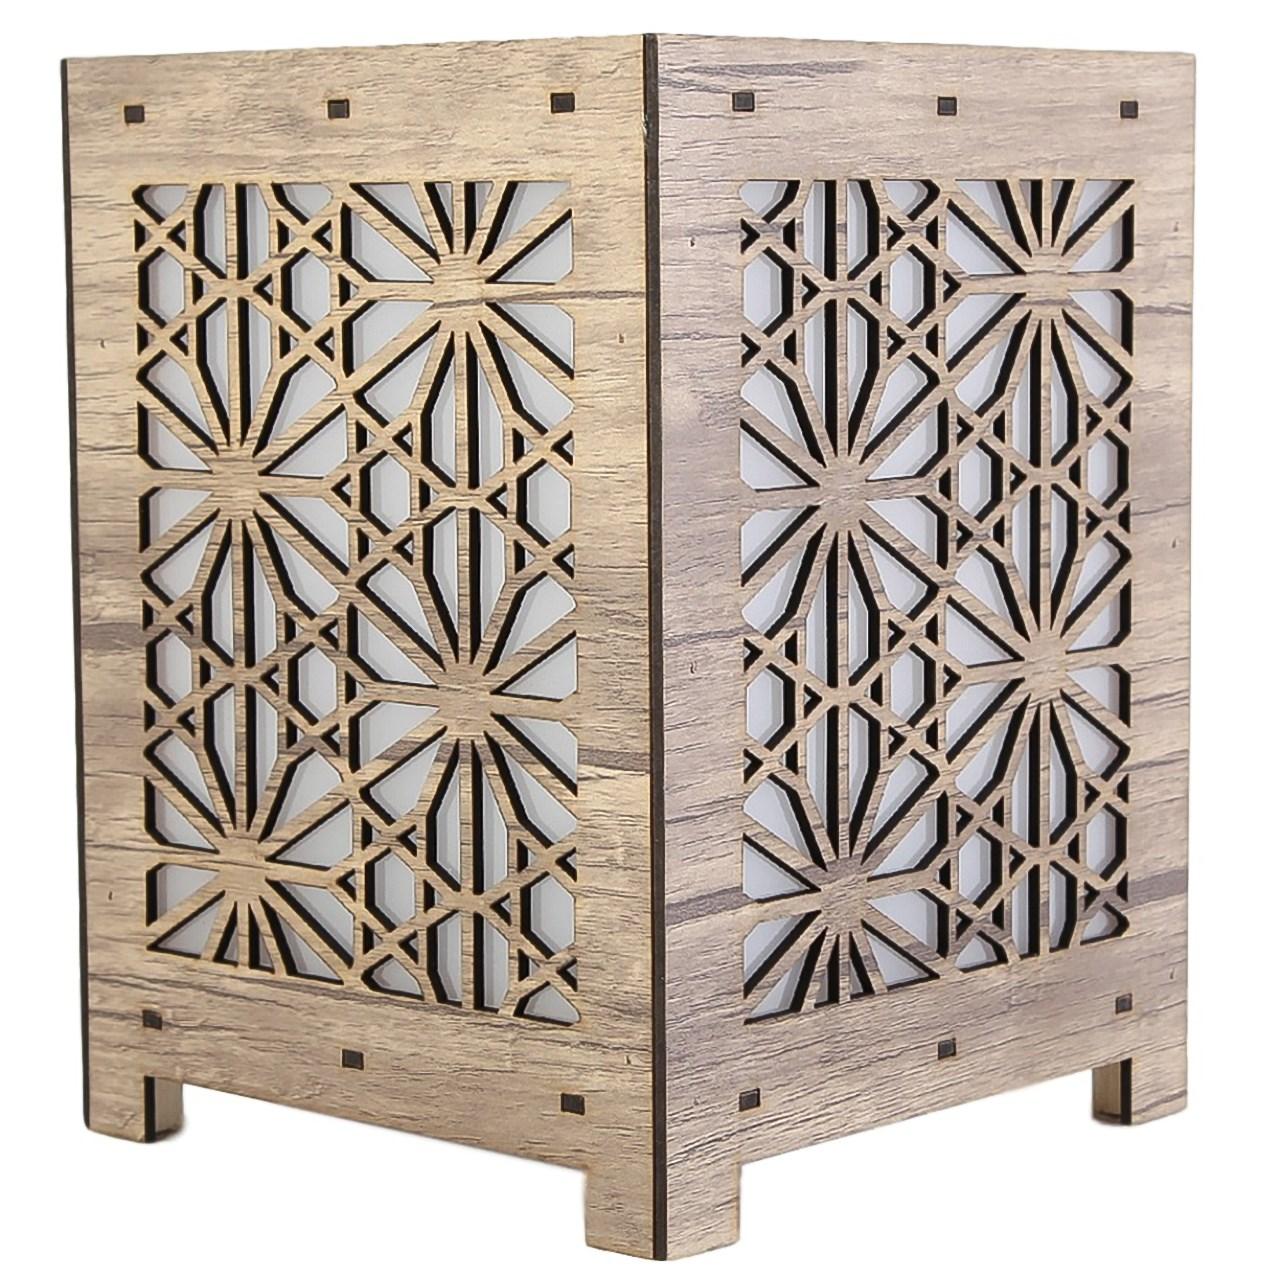 آباژور چوبی گالری آناهید طرح شش ضلعی سایزکوچک کد 93020